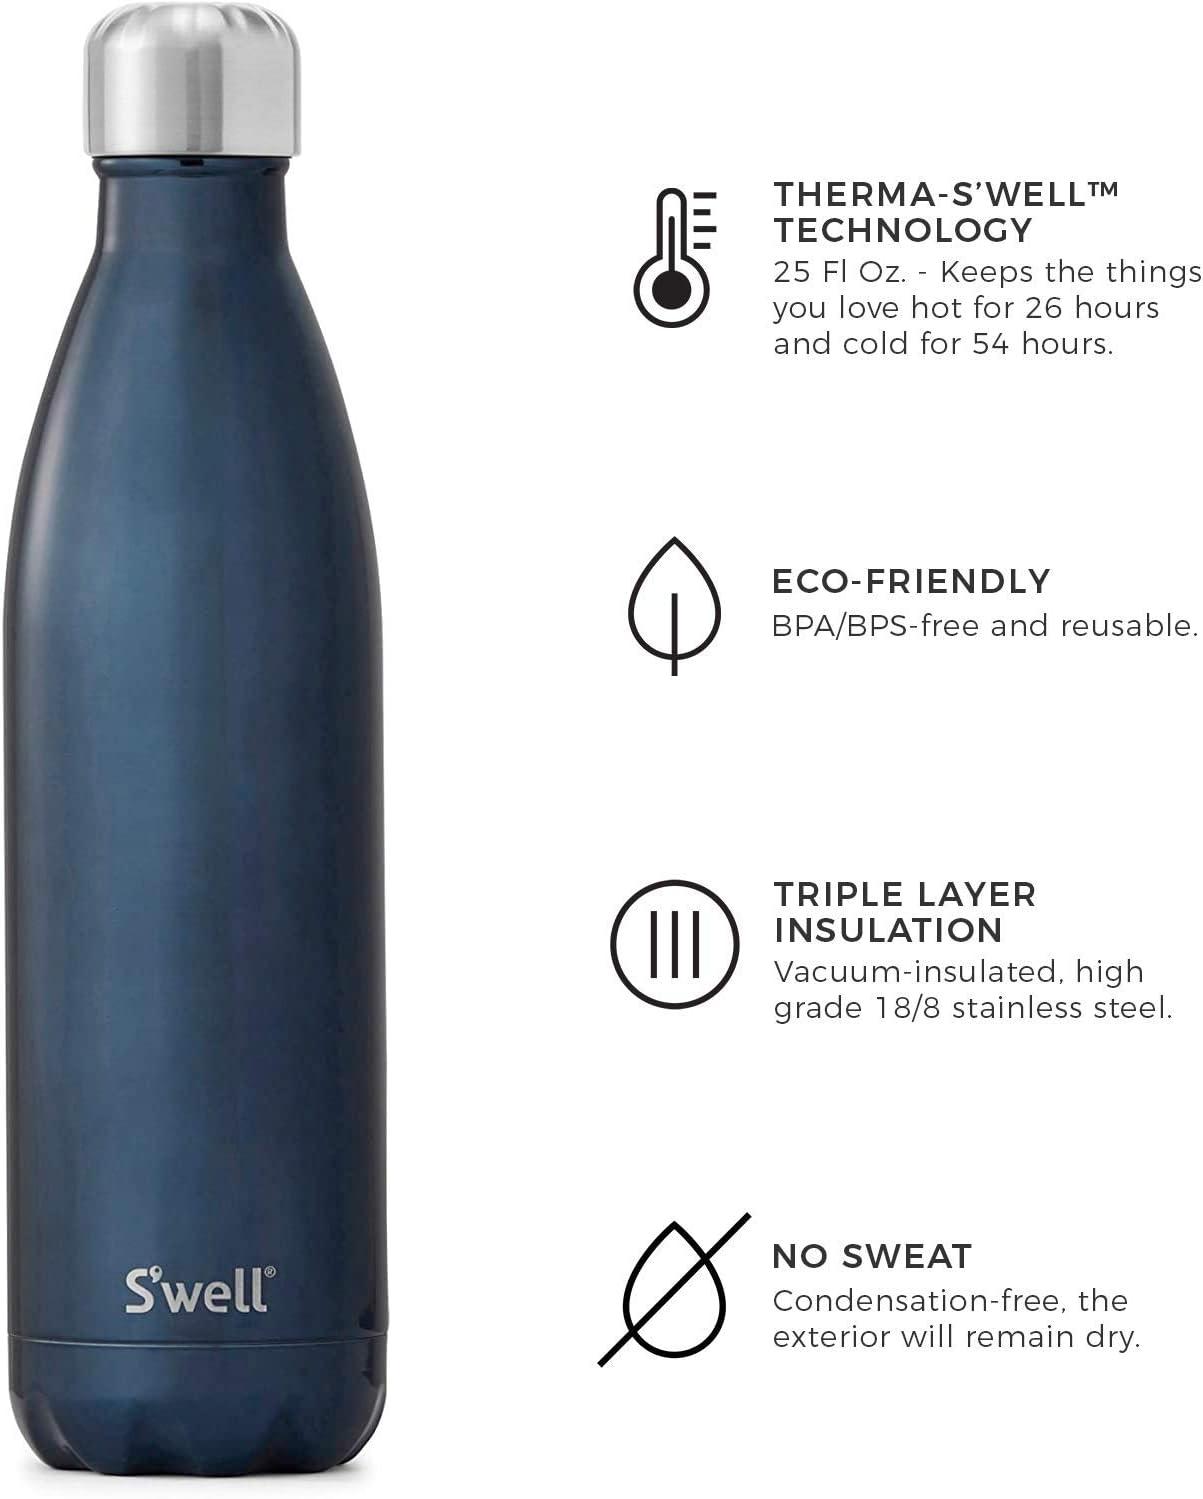 color Gamuza Azul Swell 3.15 x 3.15 x 11.81inches tama/ño 750 ml Botella de agua de acero inoxidable unisex